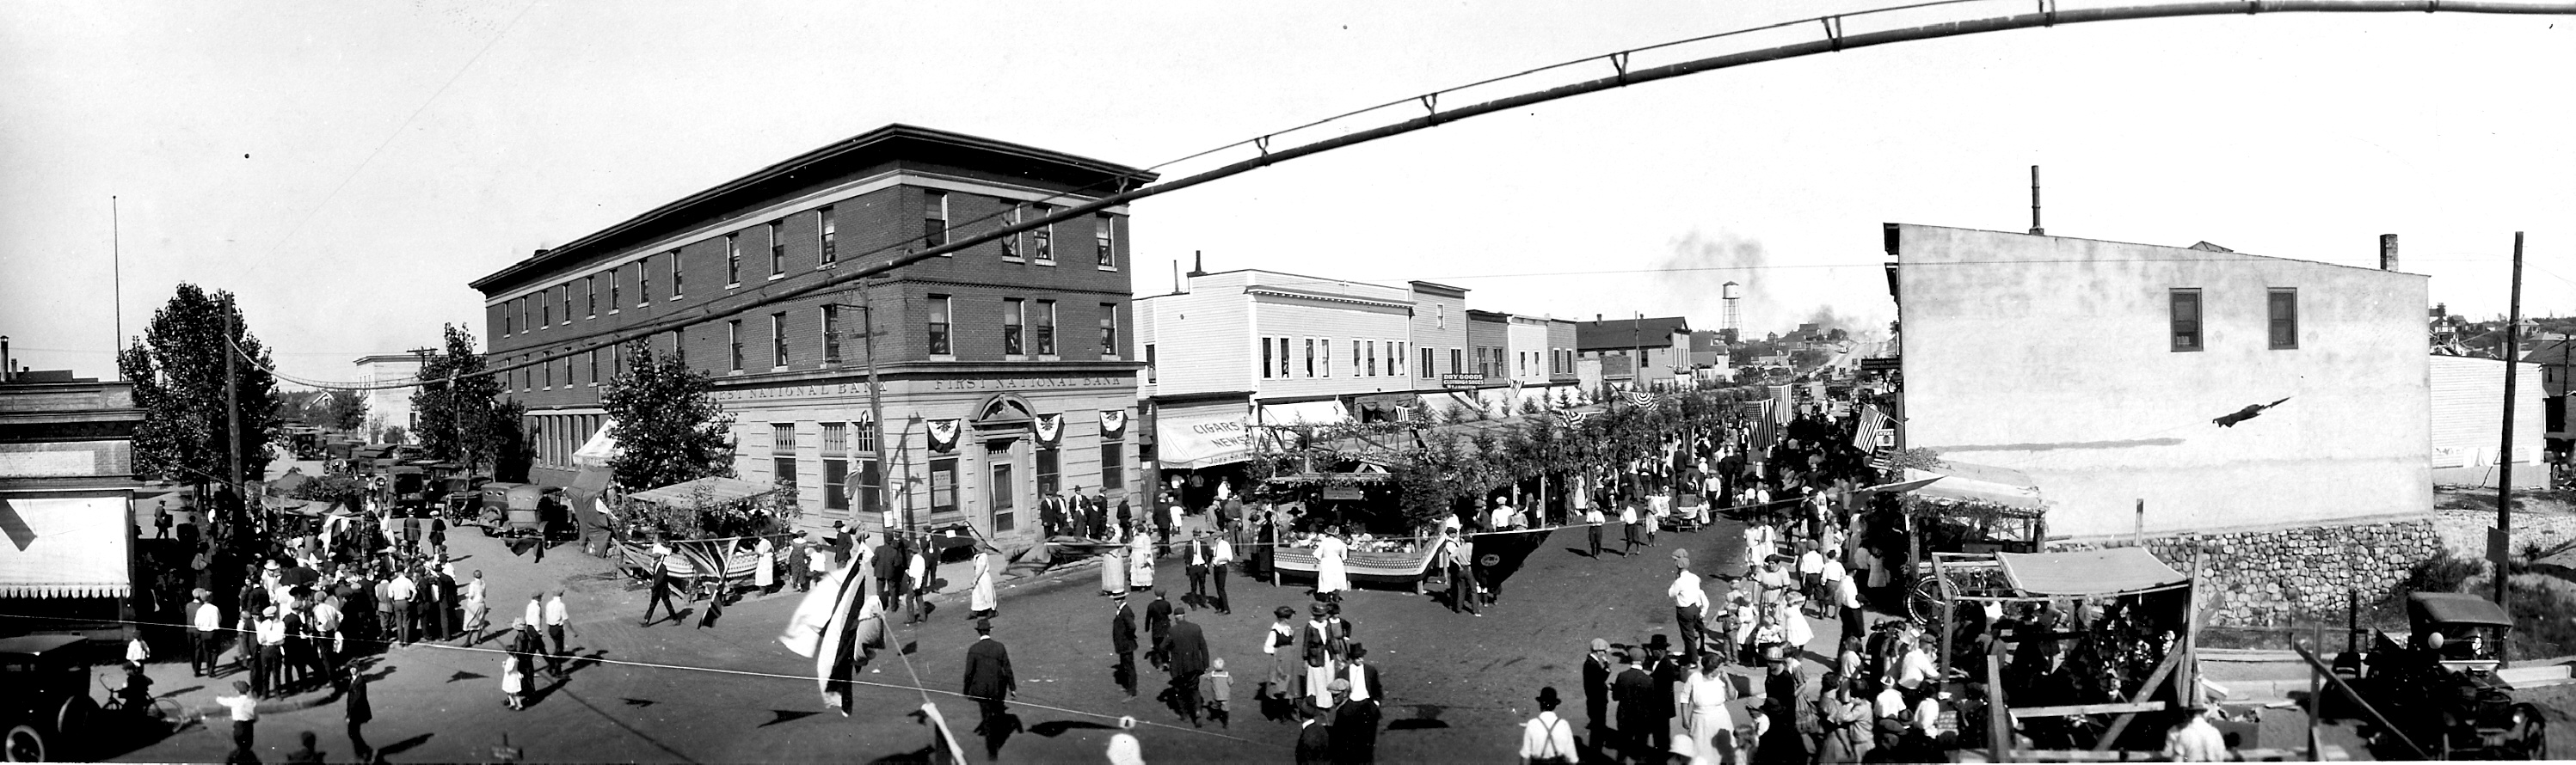 Farmer's Day 1922